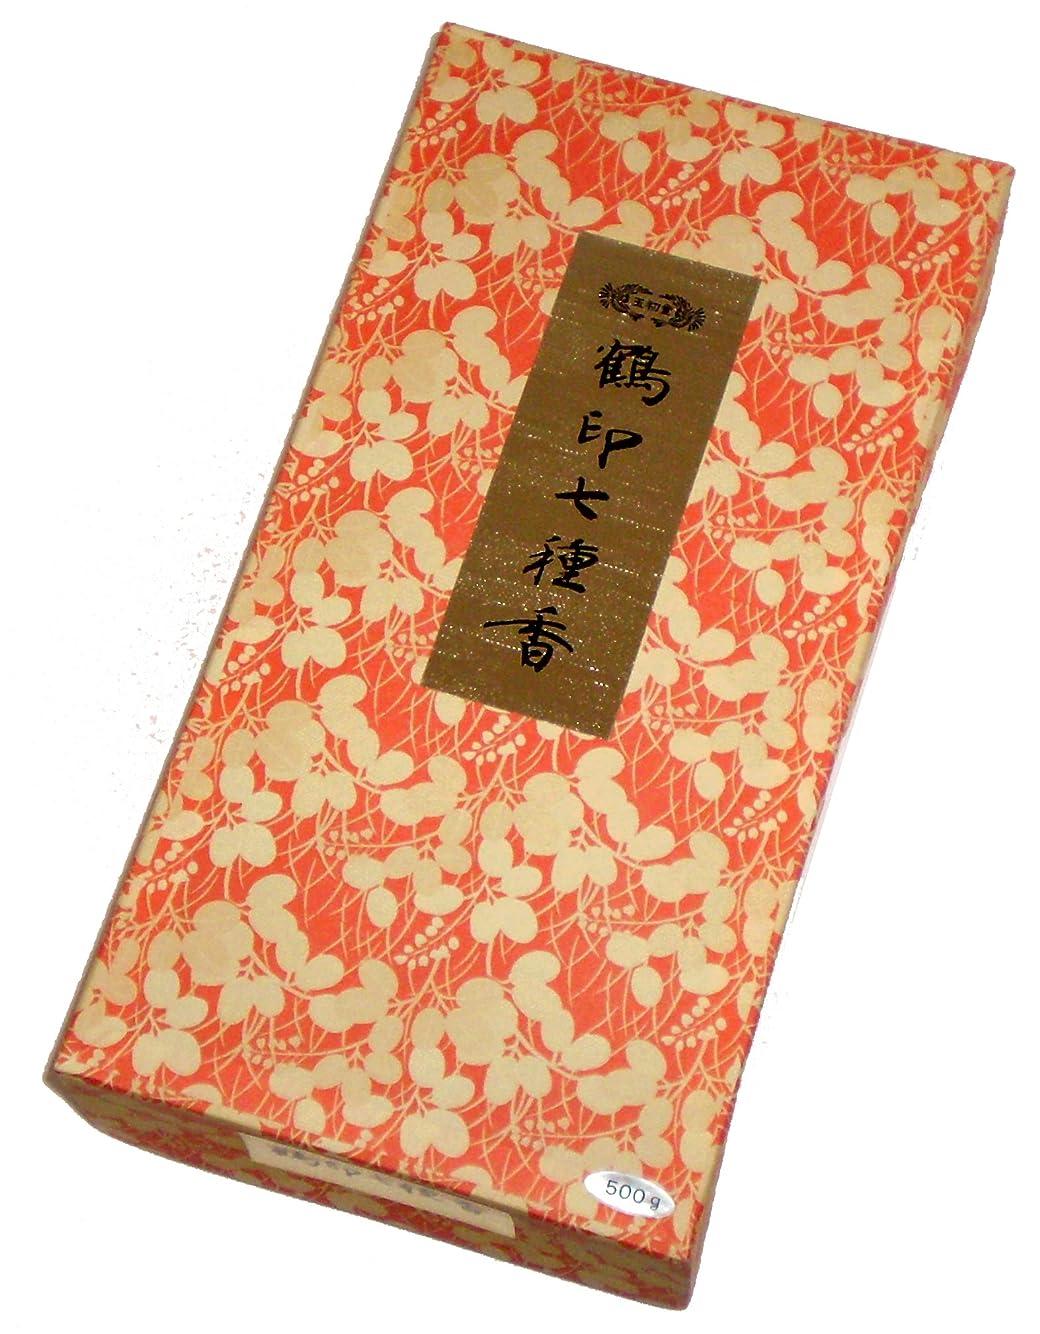 強調するバイオリン反対した玉初堂のお香 鶴印七種香 500g #671